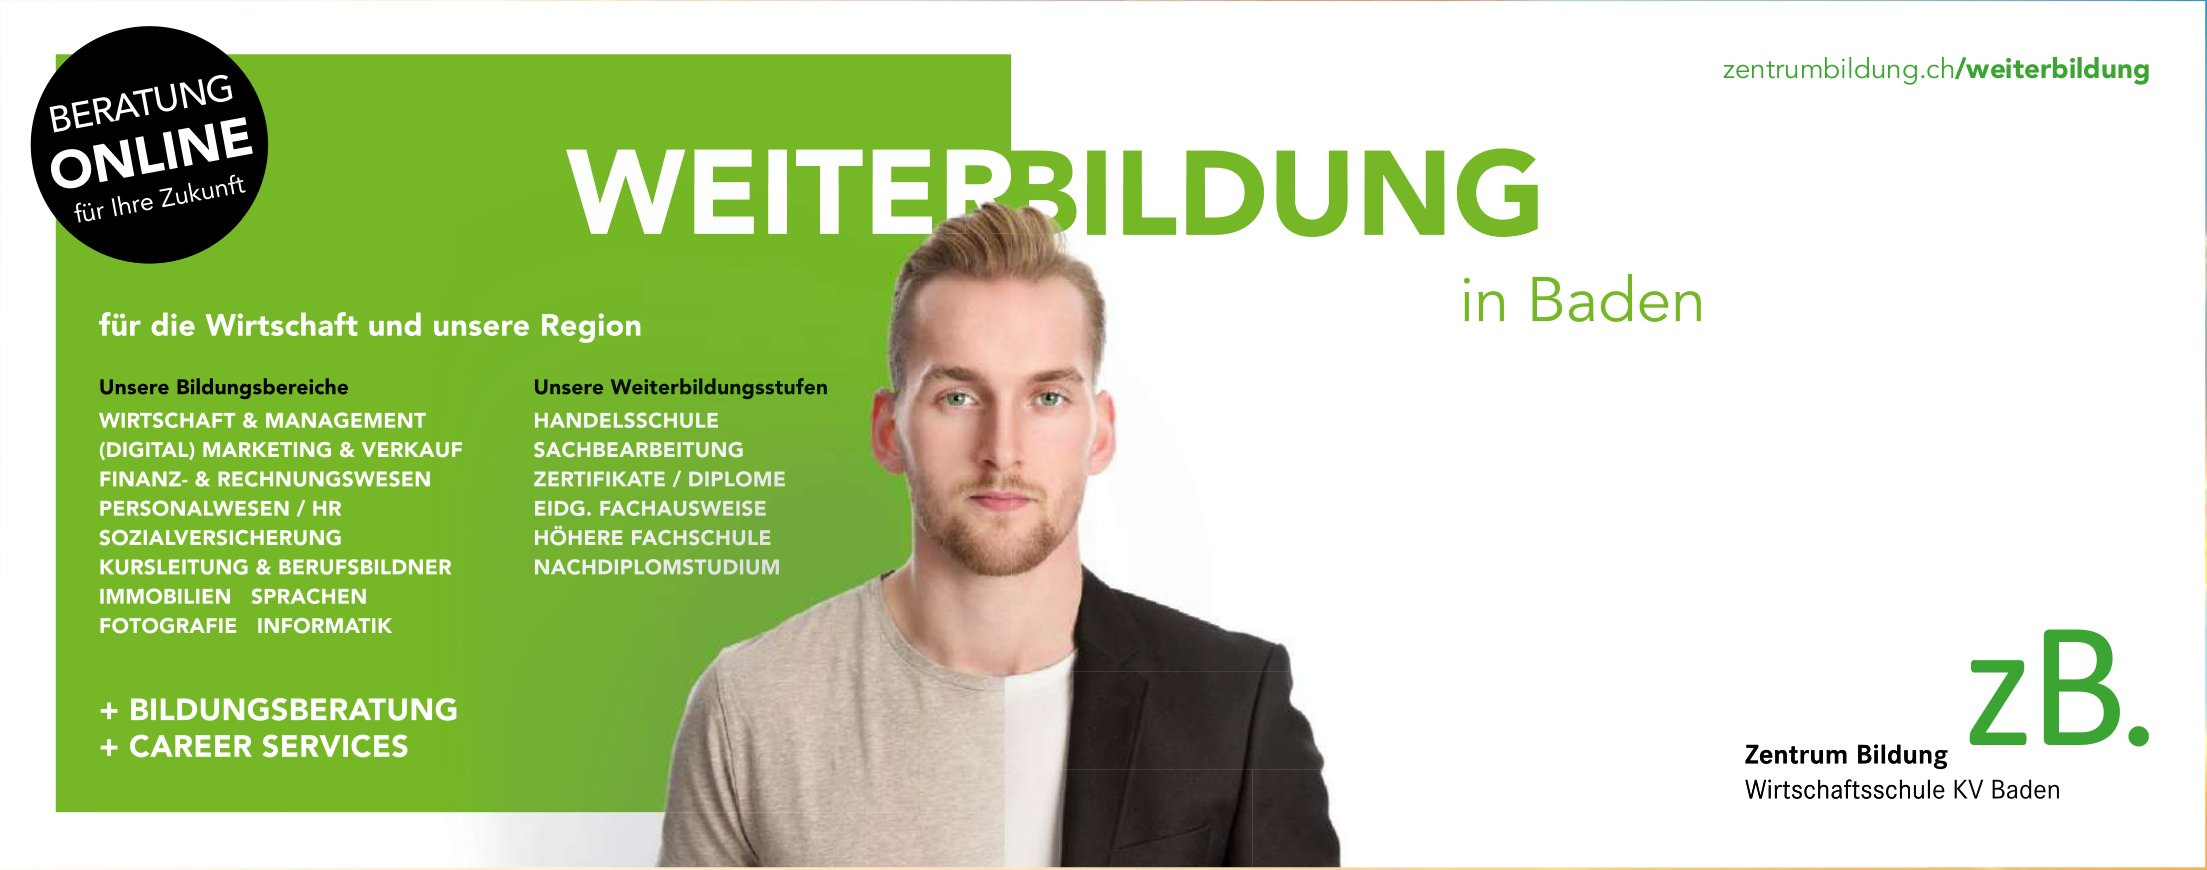 Zentrum Bildung Wirtschaftsschule KV Baden - Weiterbildung in Baden